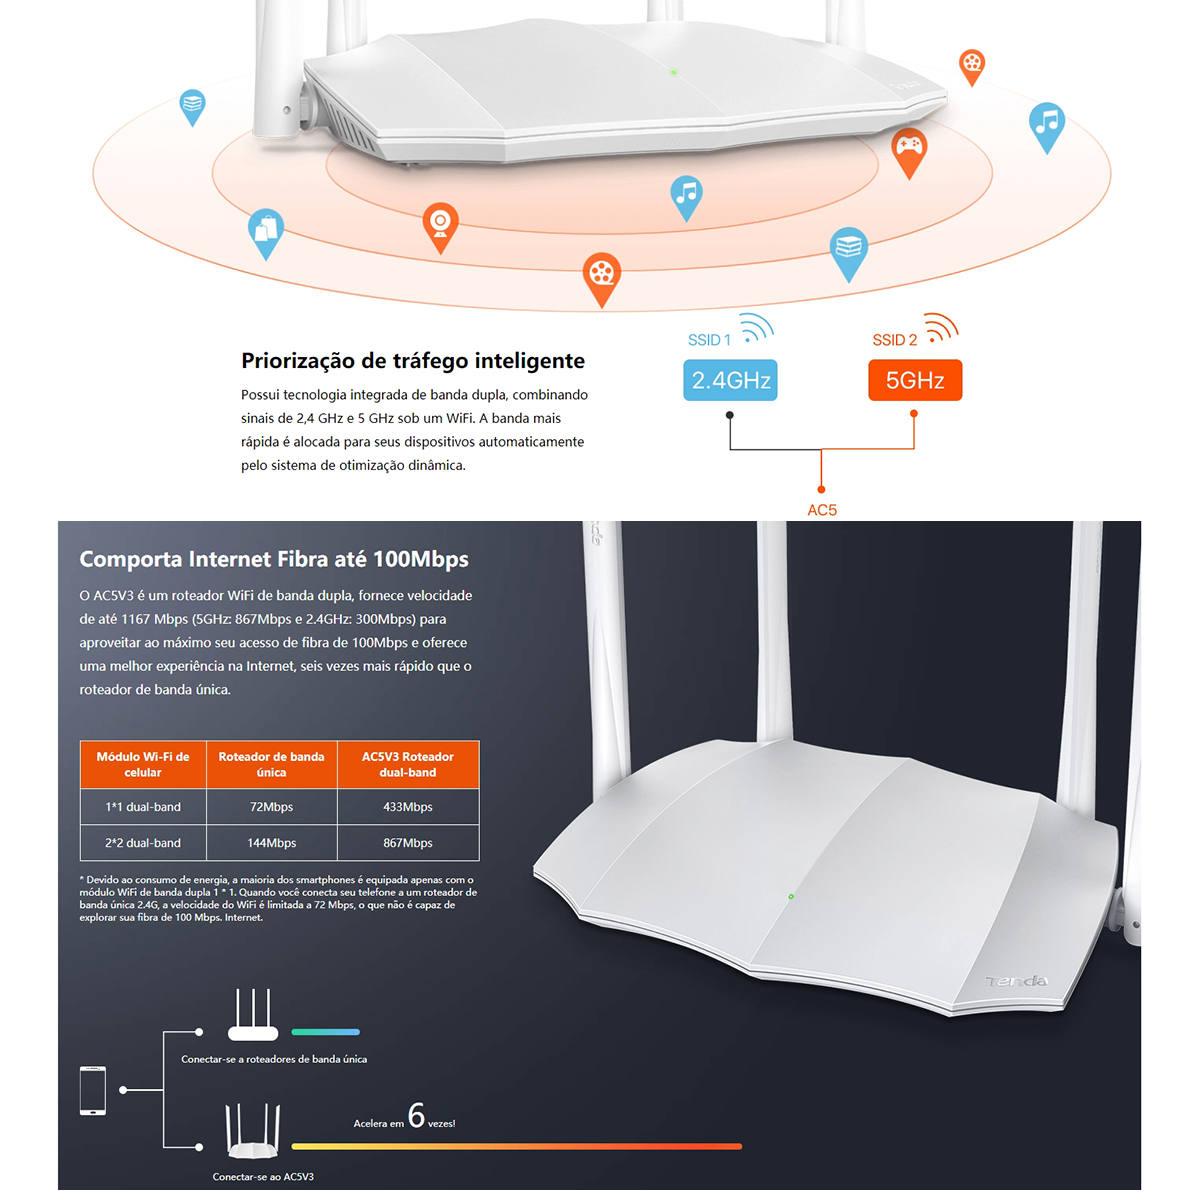 Roteador Wireless AC1200 Dual Band WiFi 4 Antenas High Power 1200Mbps Sem Fio Tenda AC5